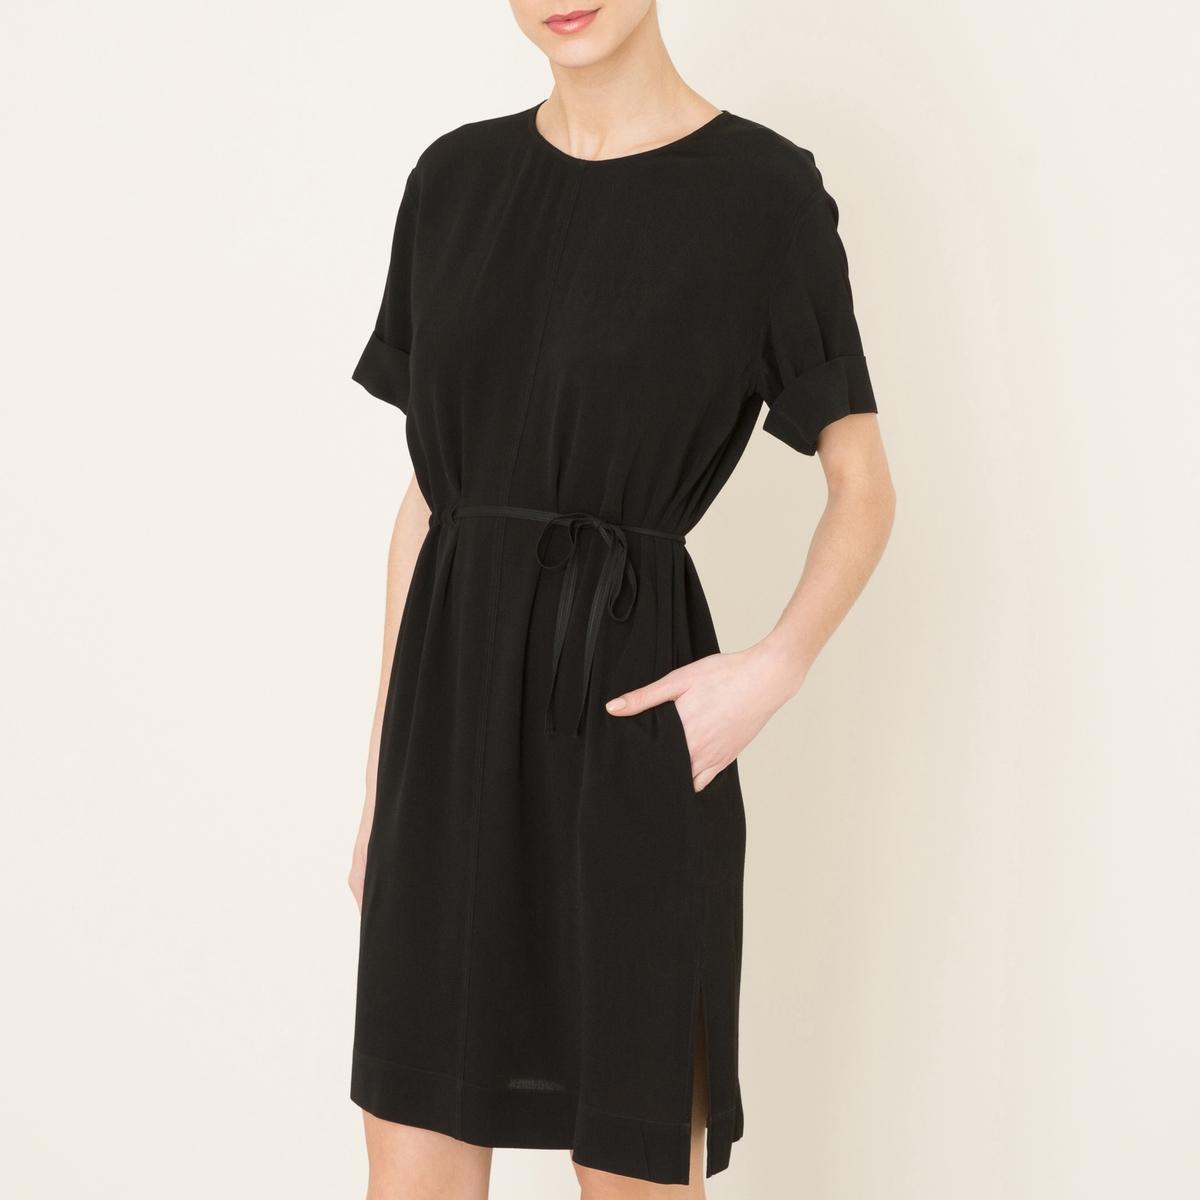 Платье с короткими рукавамиСостав и описание   Материал : 100% вискоза   Марка : POMANDERE<br><br>Цвет: черный